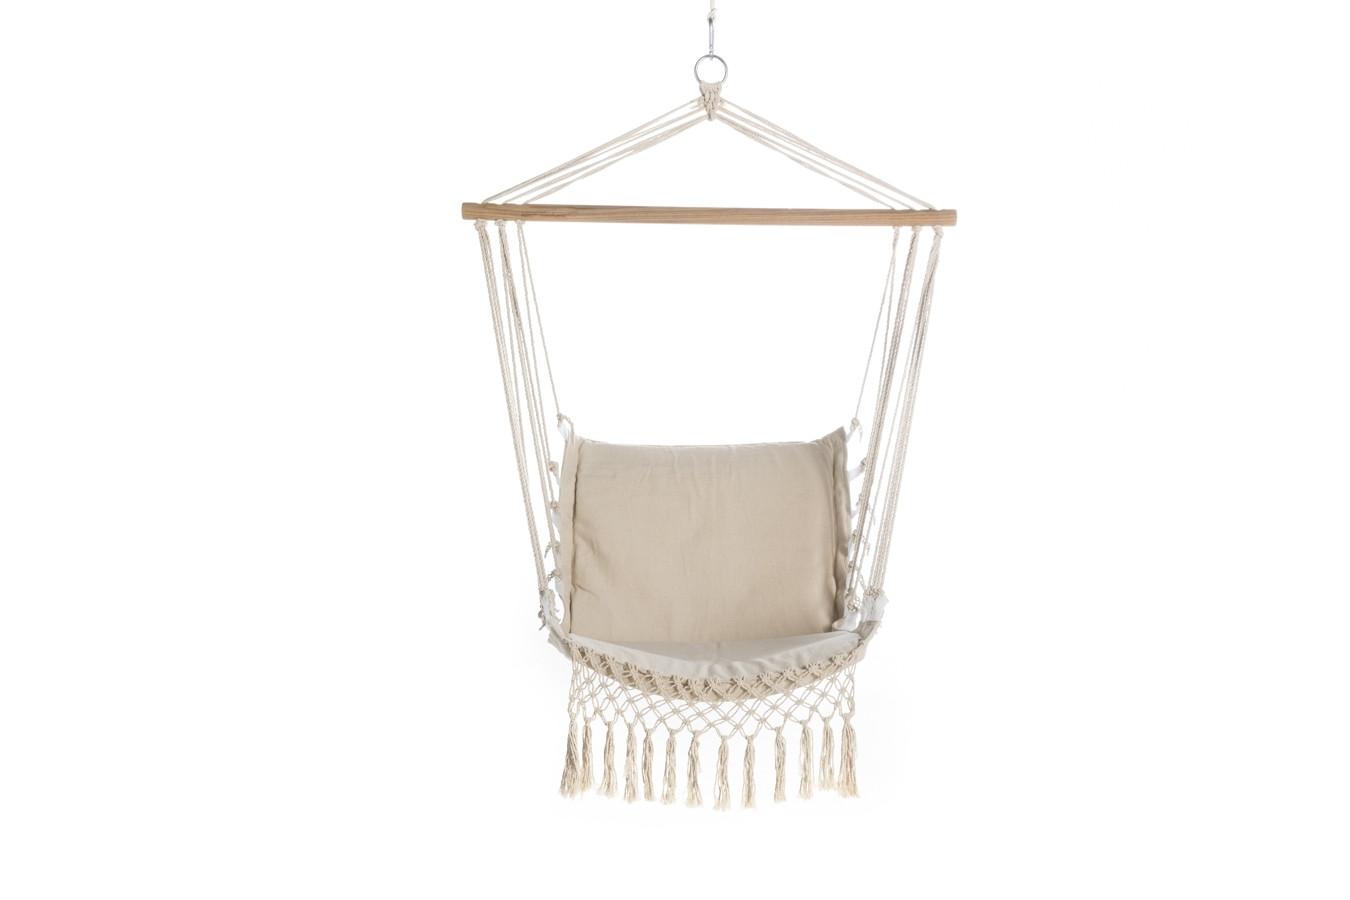 Hangstoel touw hangstoel 1 persoons brasil cappuccino